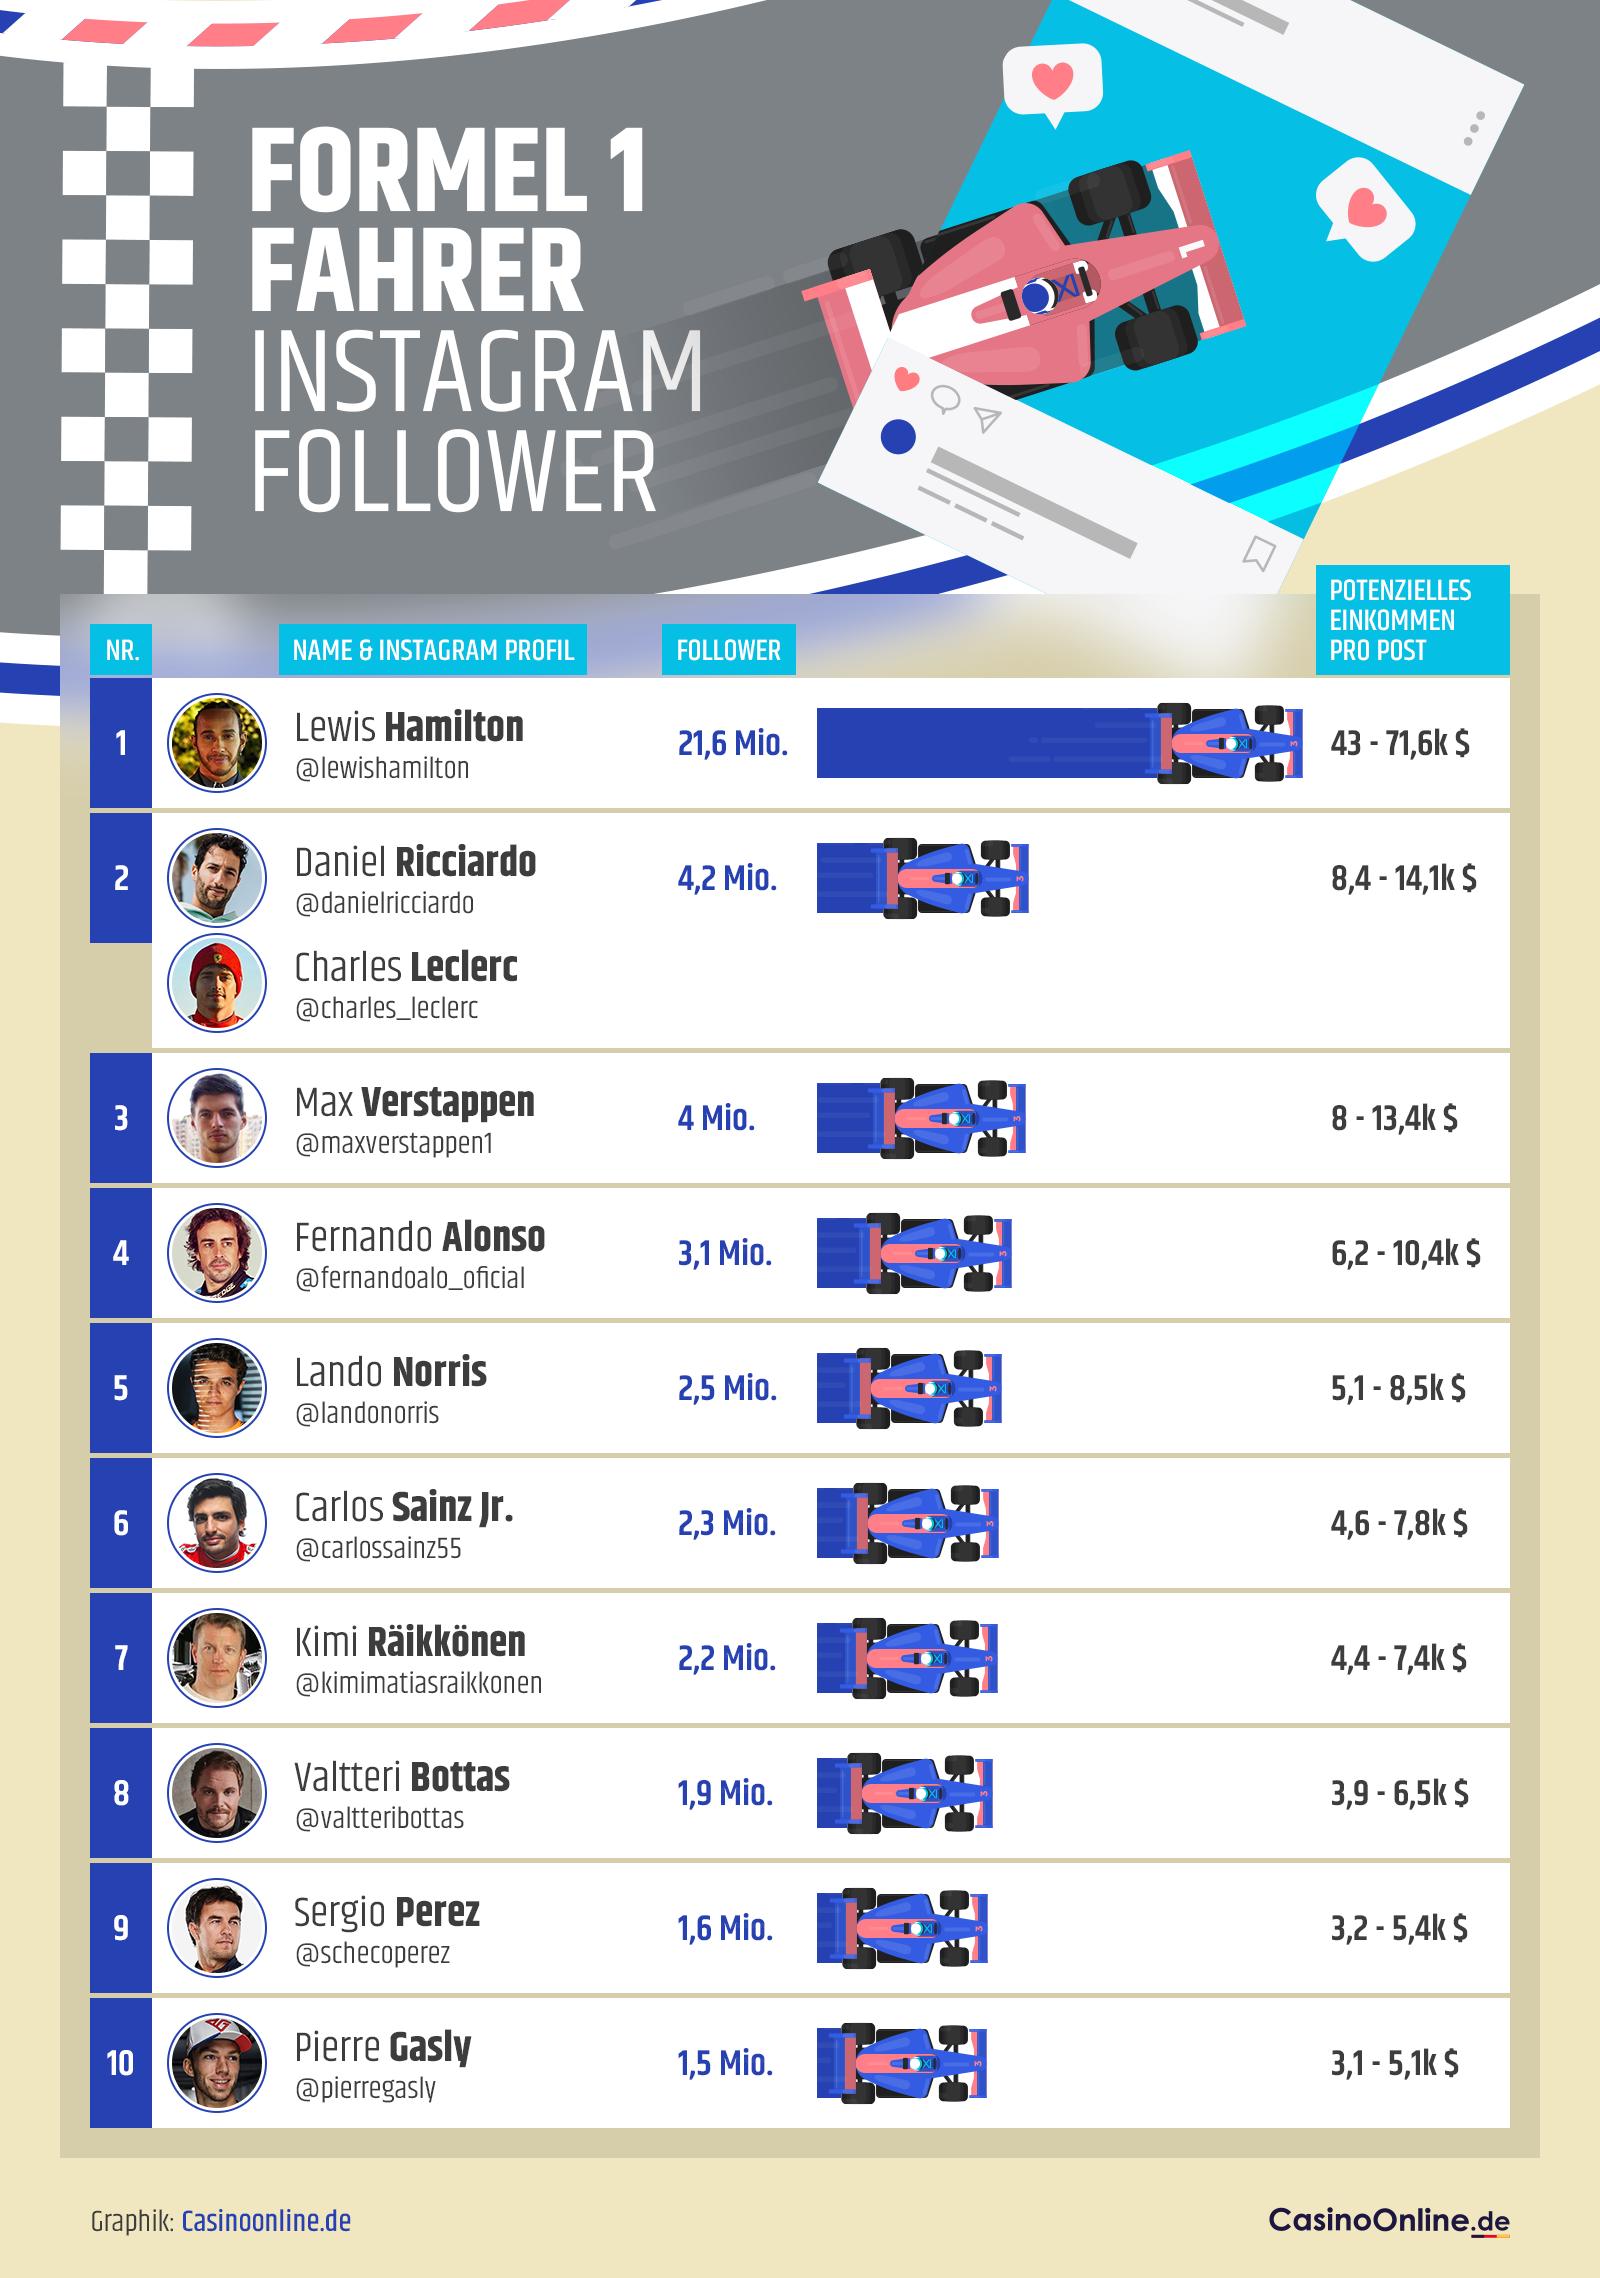 Top 10 Formel 1 Fahrer mit den meisten Instagram Followern